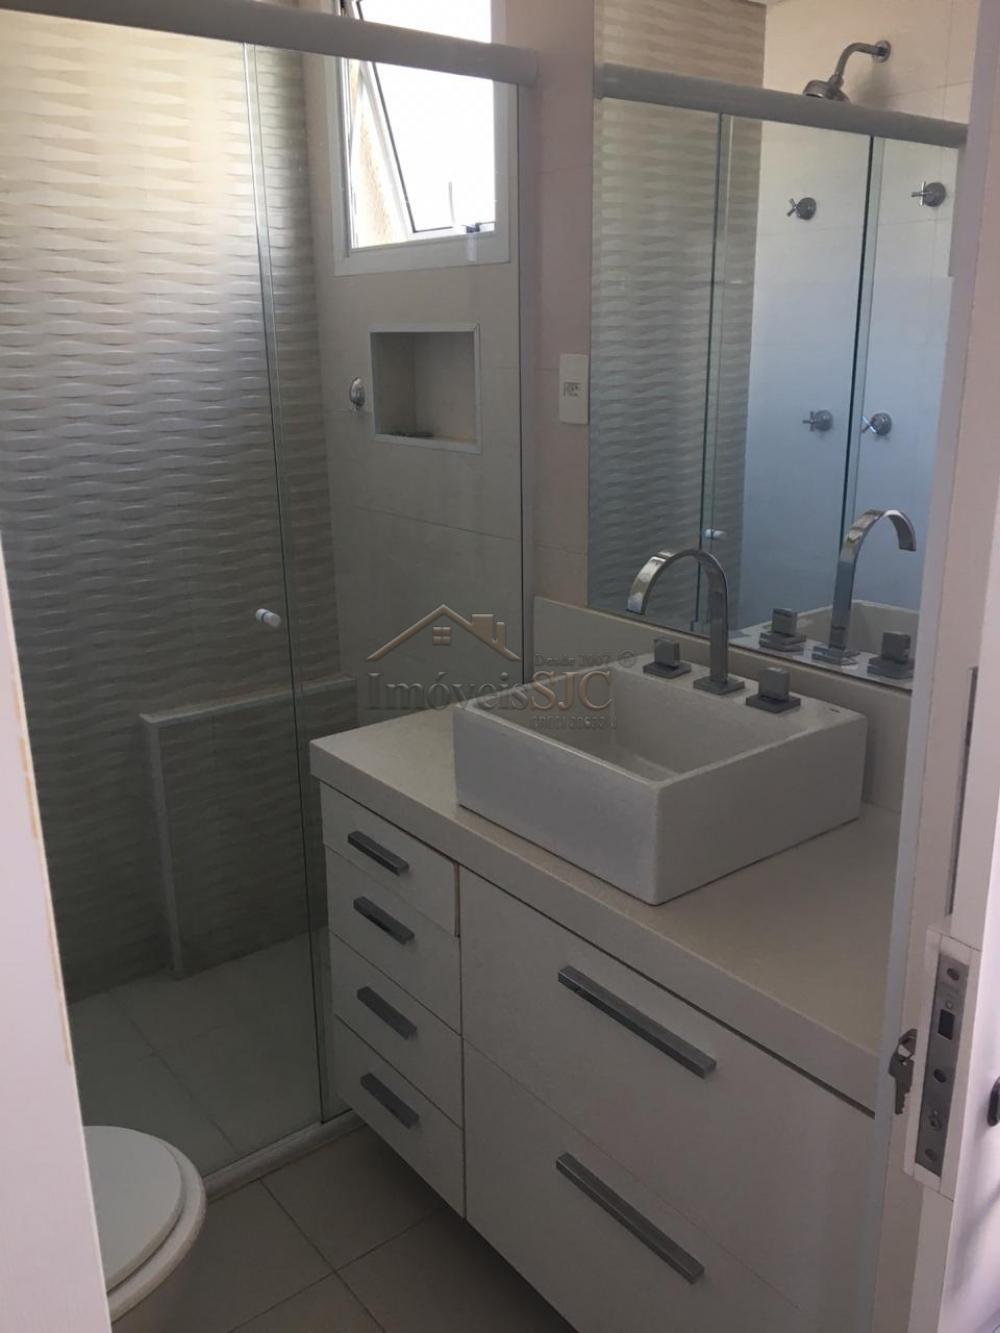 Comprar Apartamentos / Padrão em São José dos Campos apenas R$ 580.000,00 - Foto 7